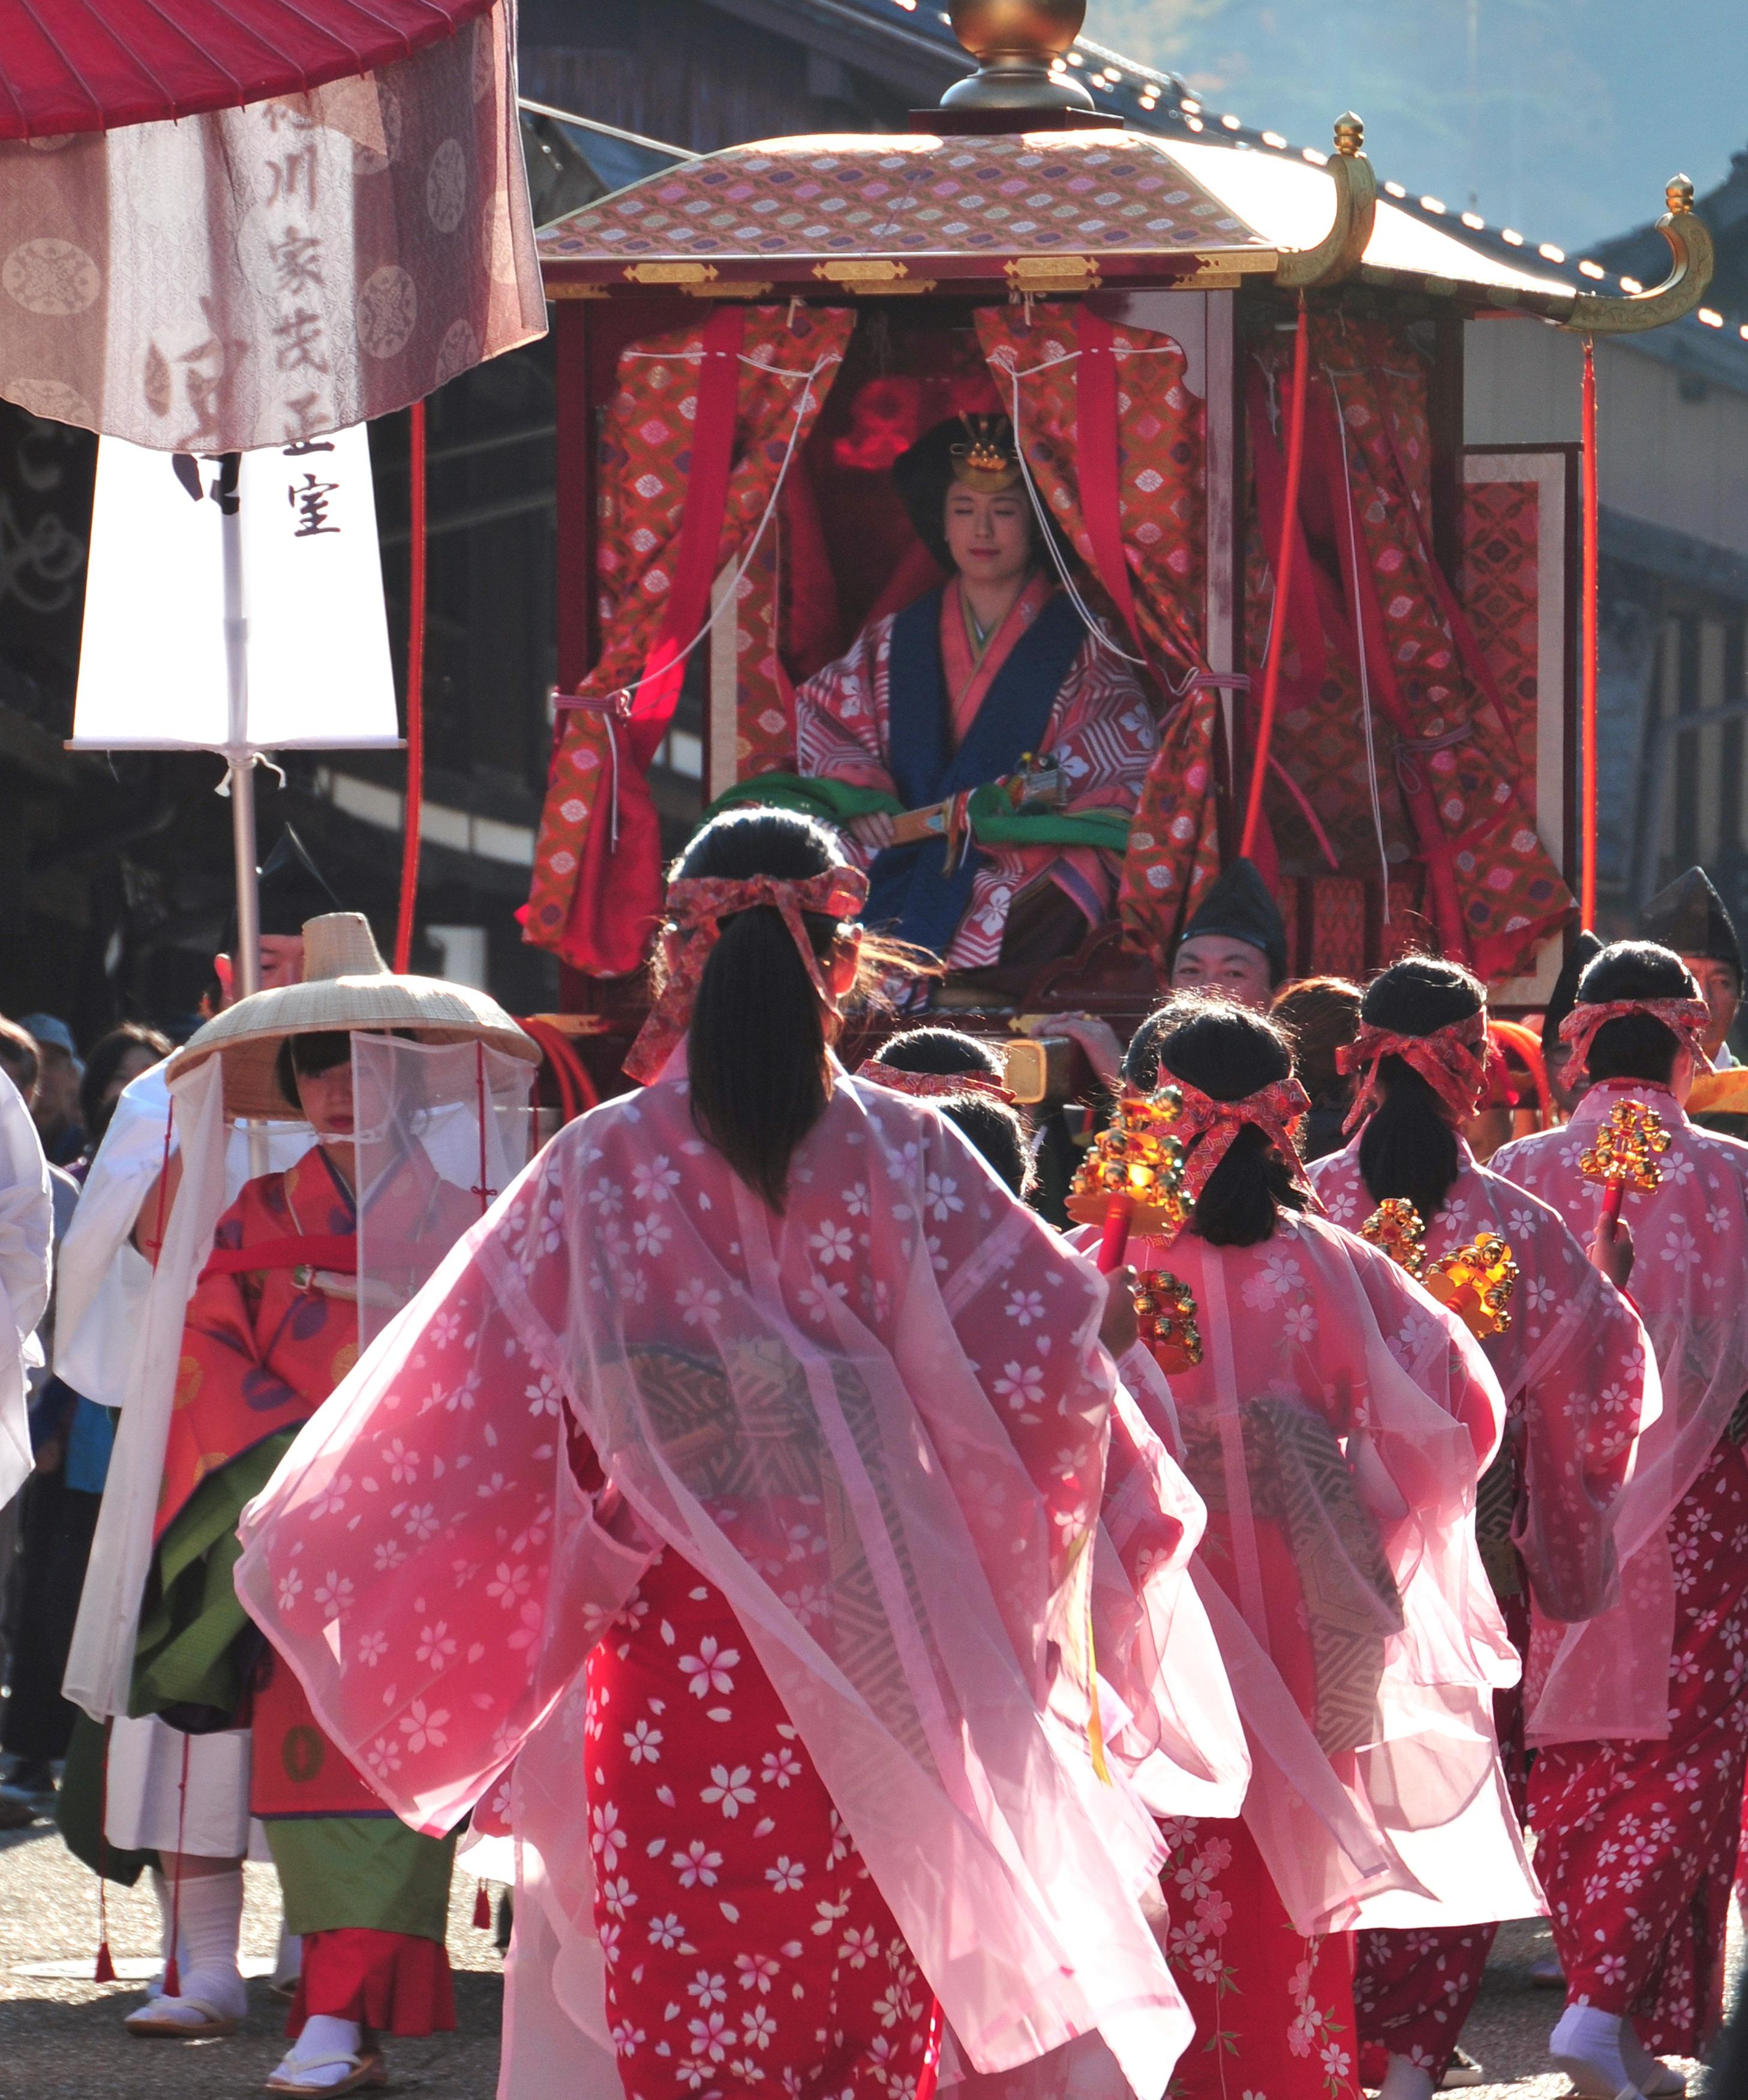 美しく羽衣なびく伝統行列